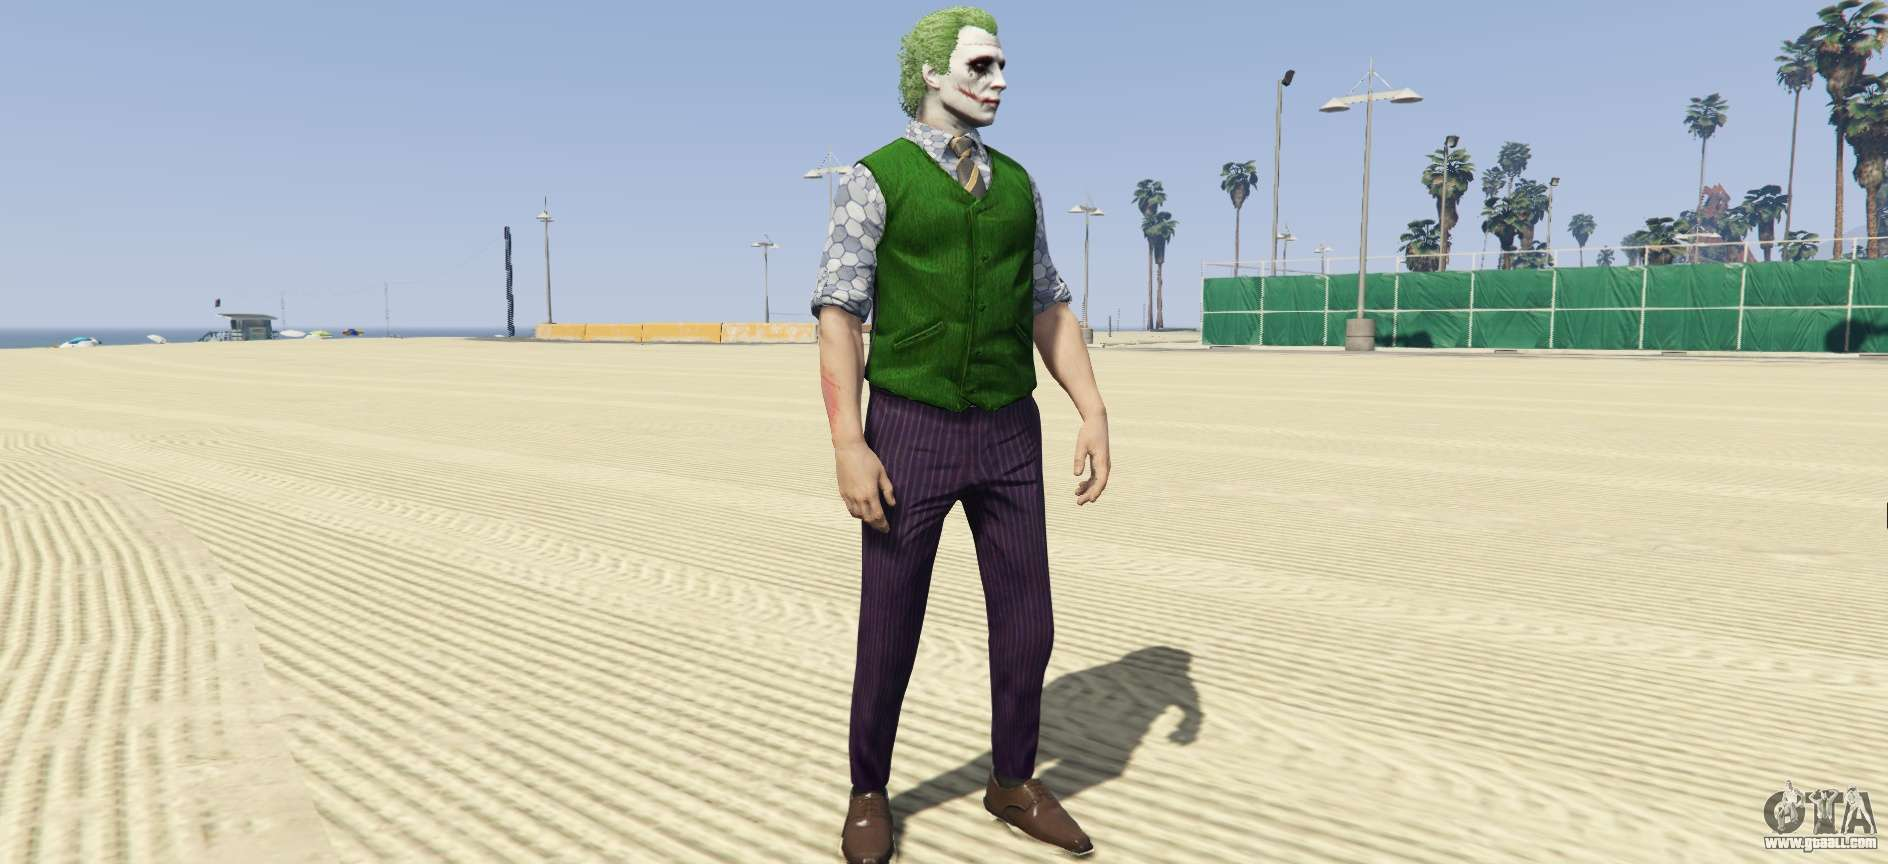 Heath Ledger Joker Skin Pack 3 0 For Gta 5